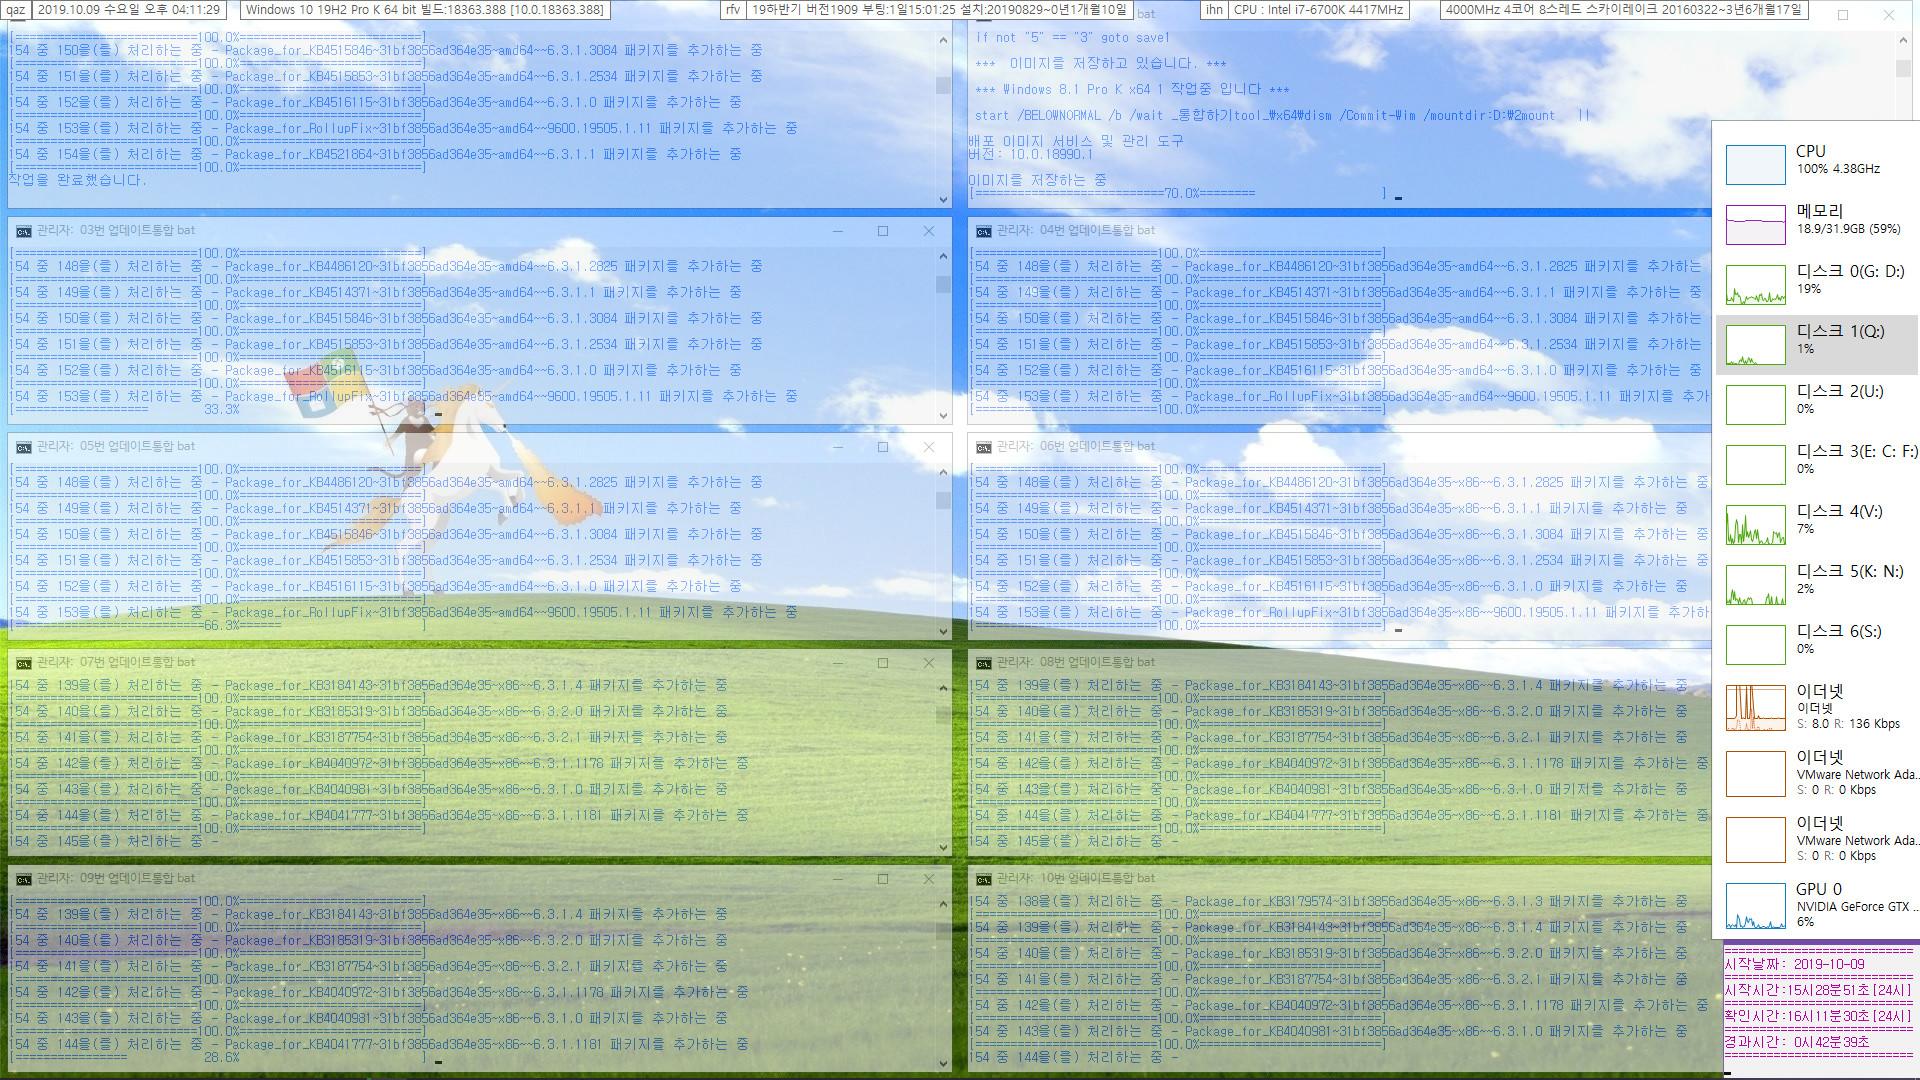 2019년 10월 9일 정기 업데이트 나왔네요 - Windows 8.1 롤업 업데이트 KB4520005 (OS 빌드 9600.19505) [2019-10-08 일자] 통합중 입니다 2019-10-09_161130.jpg